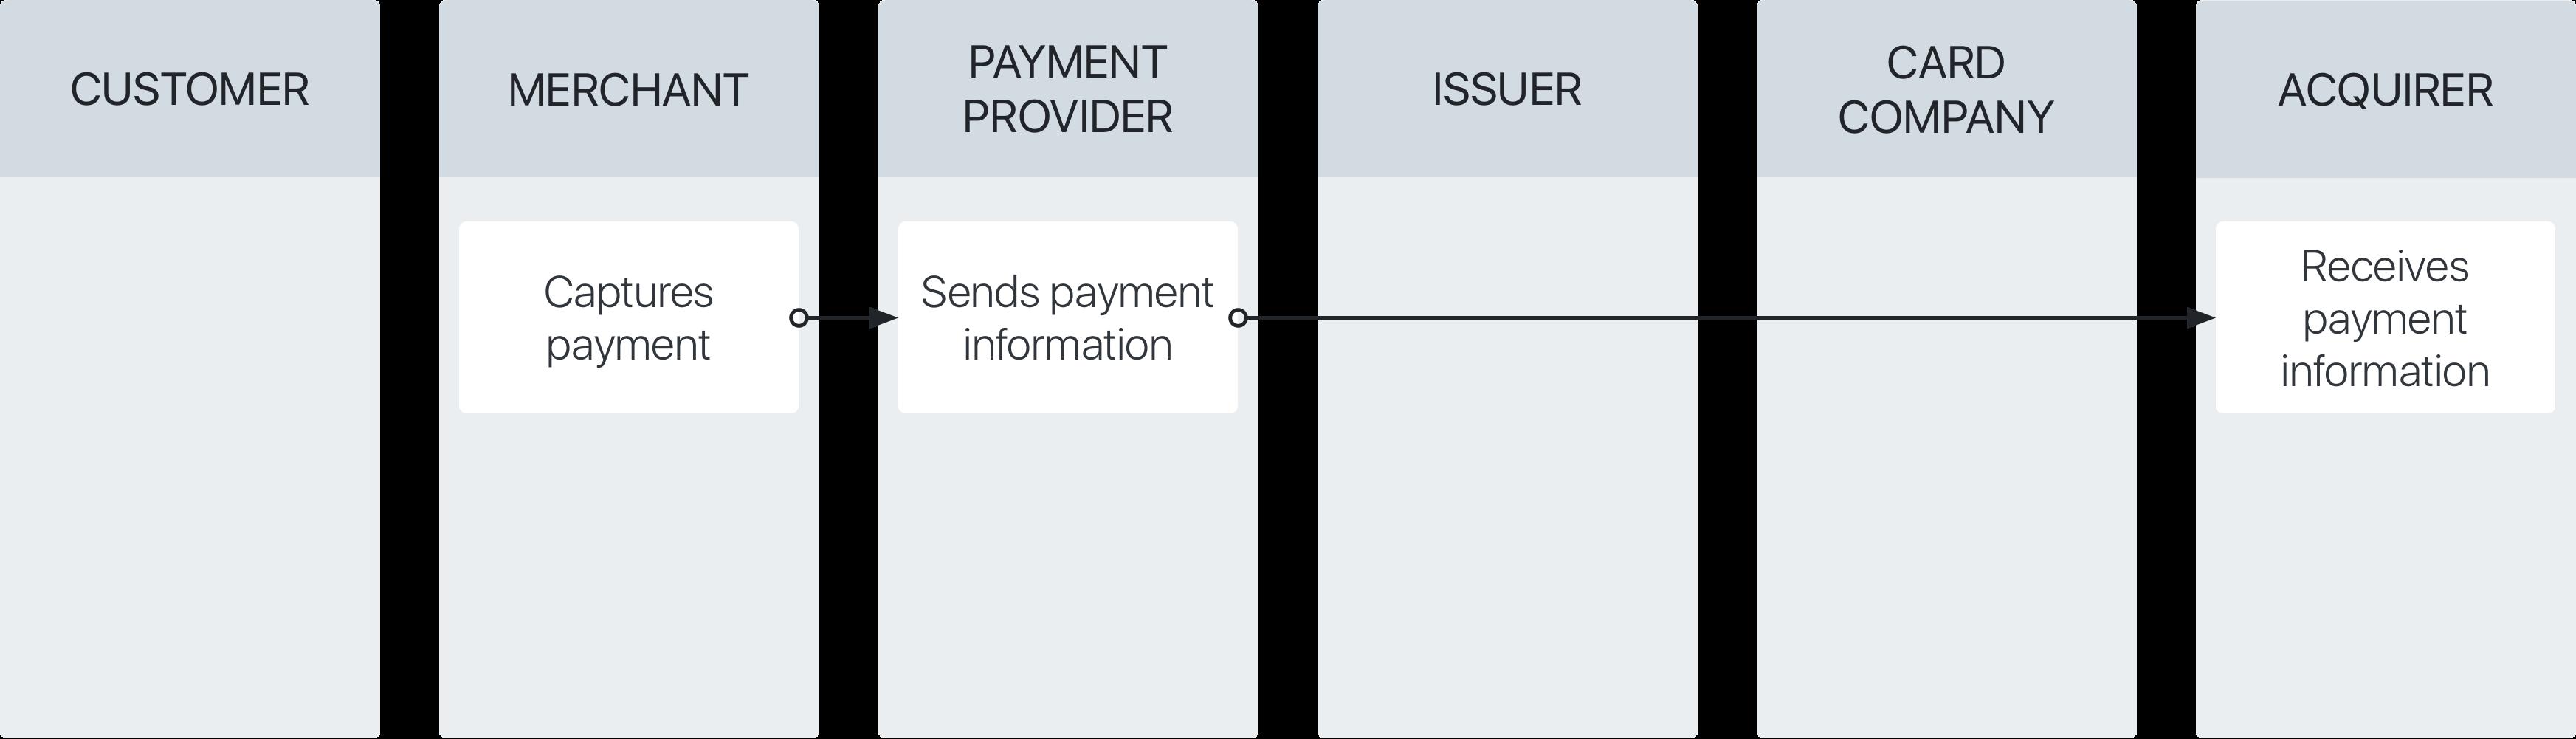 ขั้นตอนการจัดเก็บการชำระเงินผ่านบัตรเครดิต